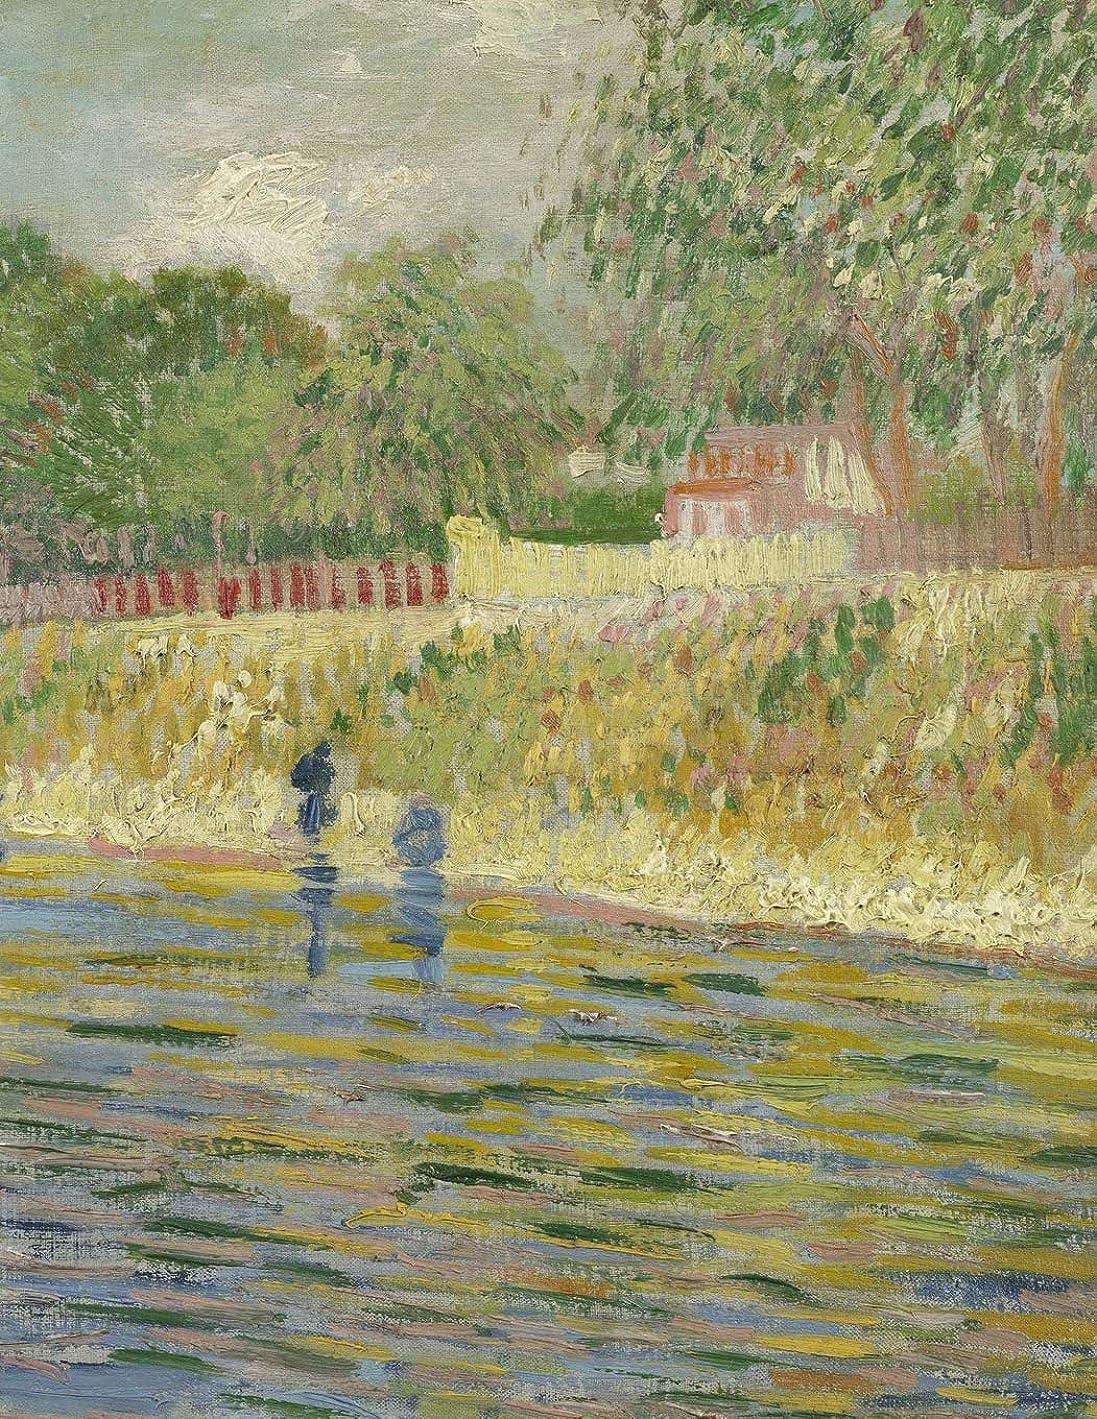 顕現展望台お誕生日Bank of the Seine, Vincent van Gogh. Blank journal: 150 blank pages, 8,5x11 inch (21.59 x 27.94 cm) Soft cover